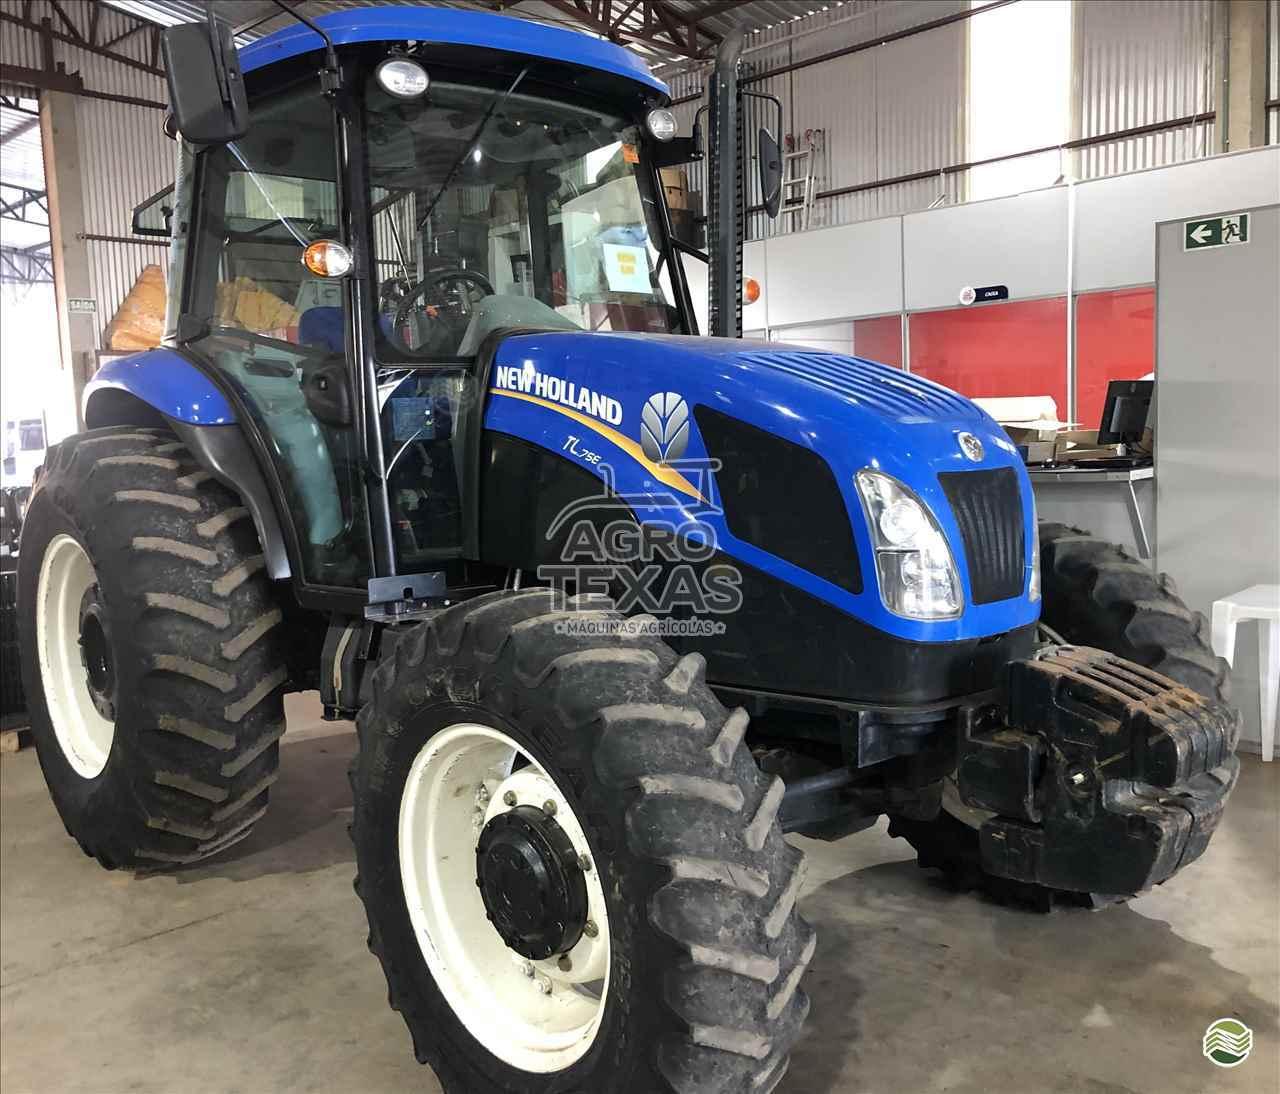 TRATOR NEW HOLLAND NEW TL 75 Tração 4x4 Agro Texas Máquinas Agrícolas VITORINO PARANÁ PR